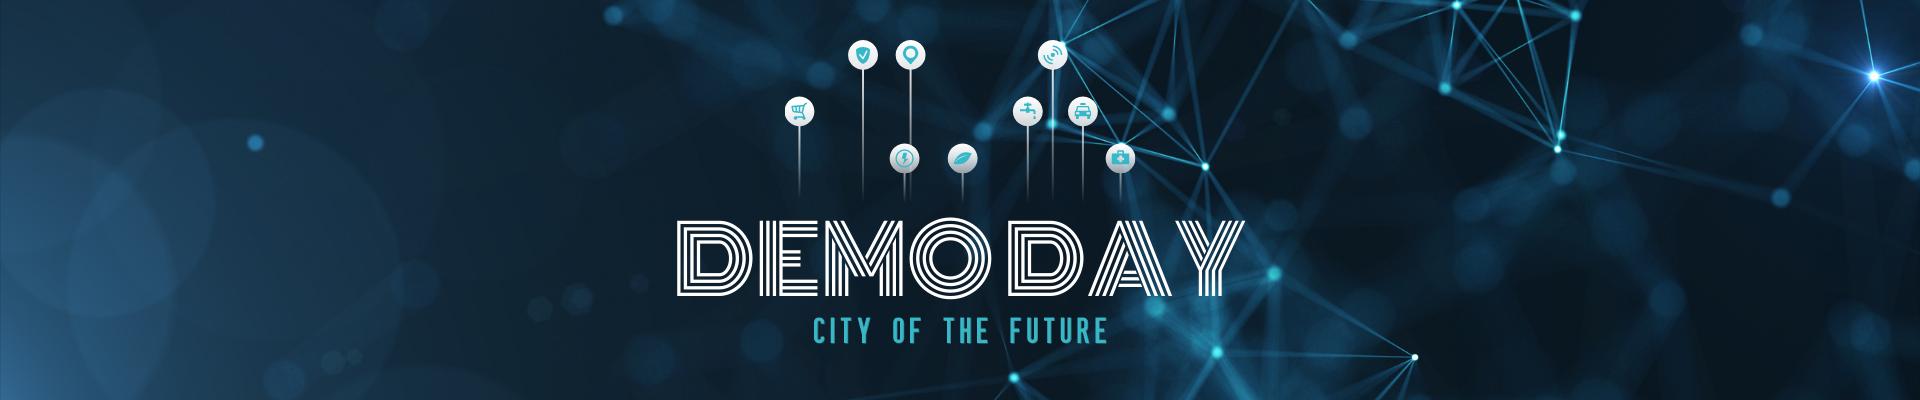 MRDH City of the Future - Demo Day